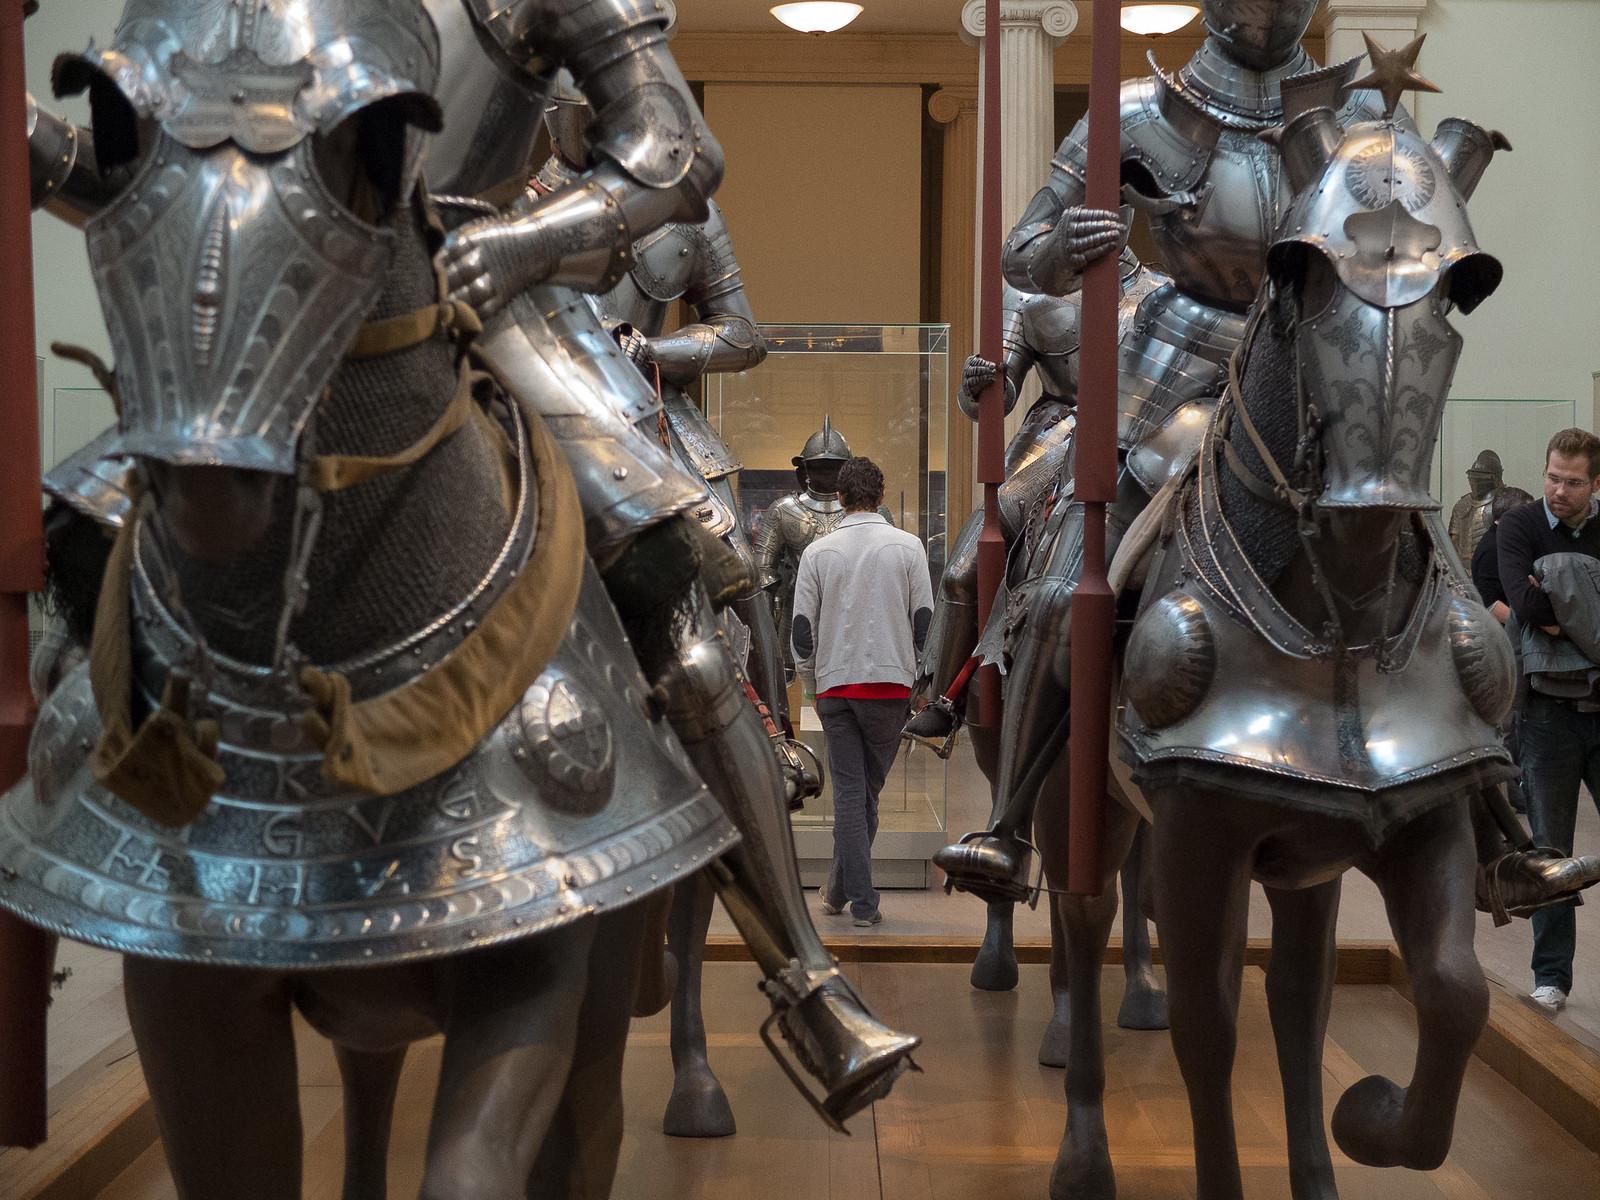 armor by wwward0